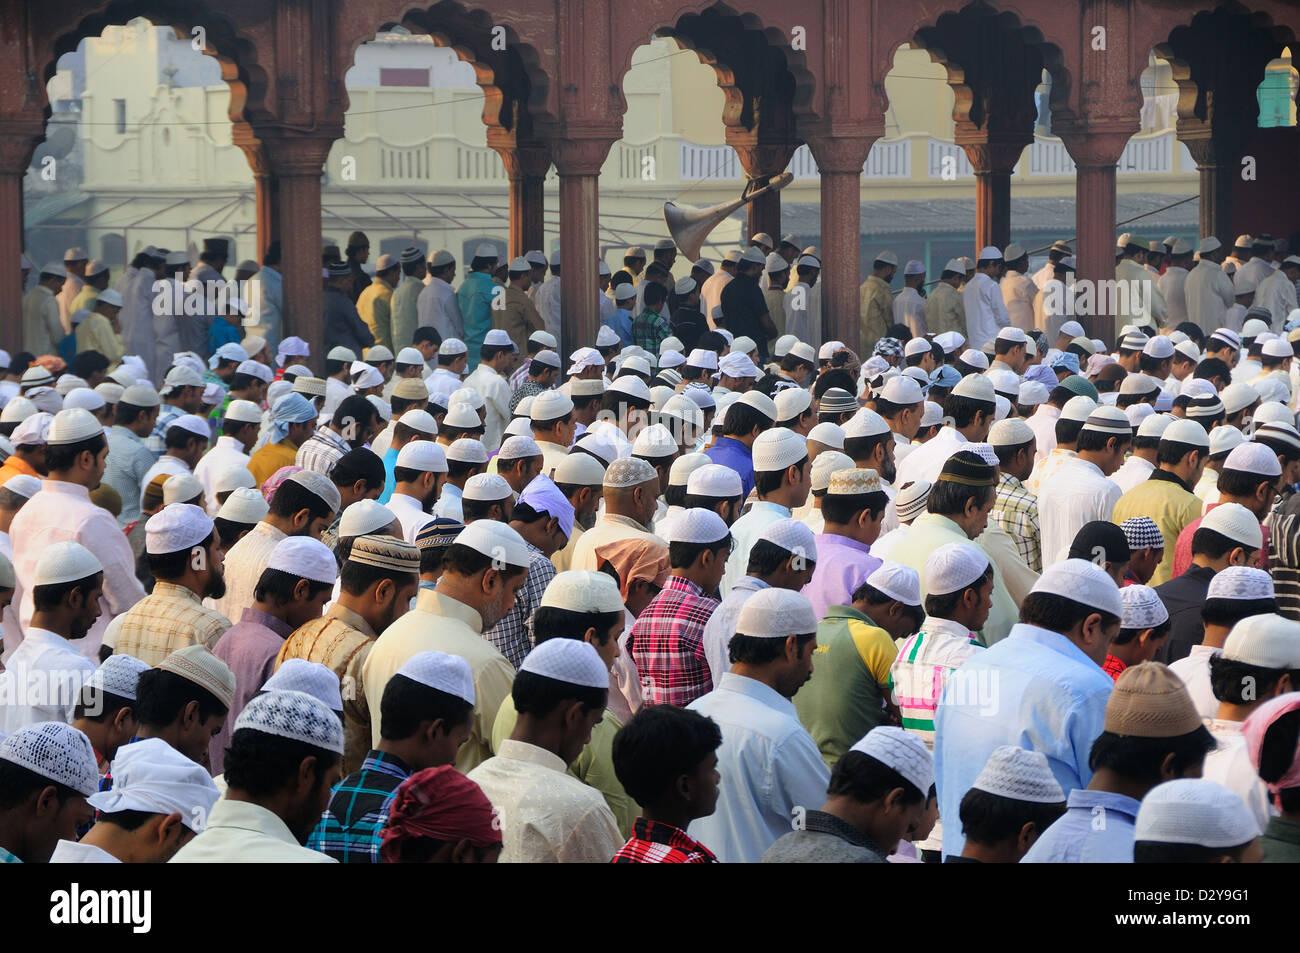 Miles de personas musulmanas sentado dentro y fuera de la mezquita. Celebrar el final del Ramadán. Imagen De Stock